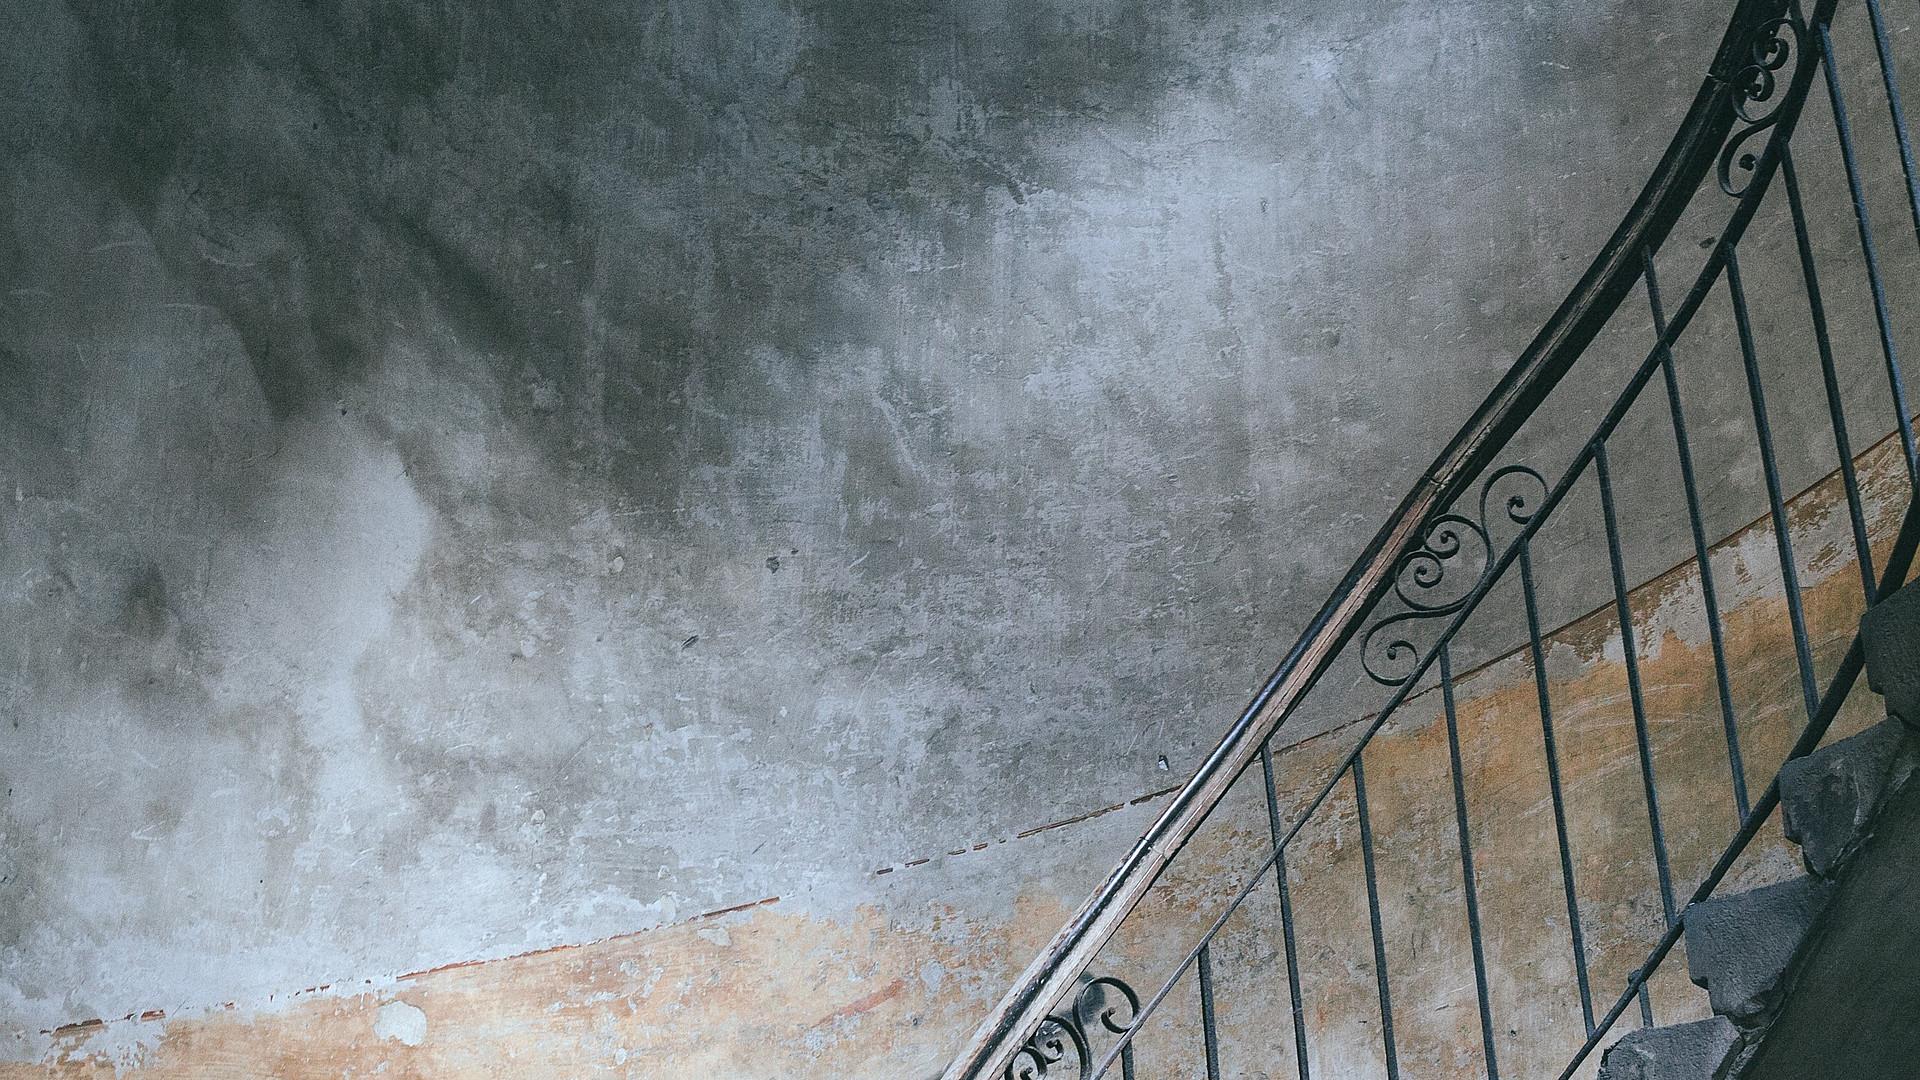 Un monte-escalier est souvent nécessaire si vous avez de l'arthrose